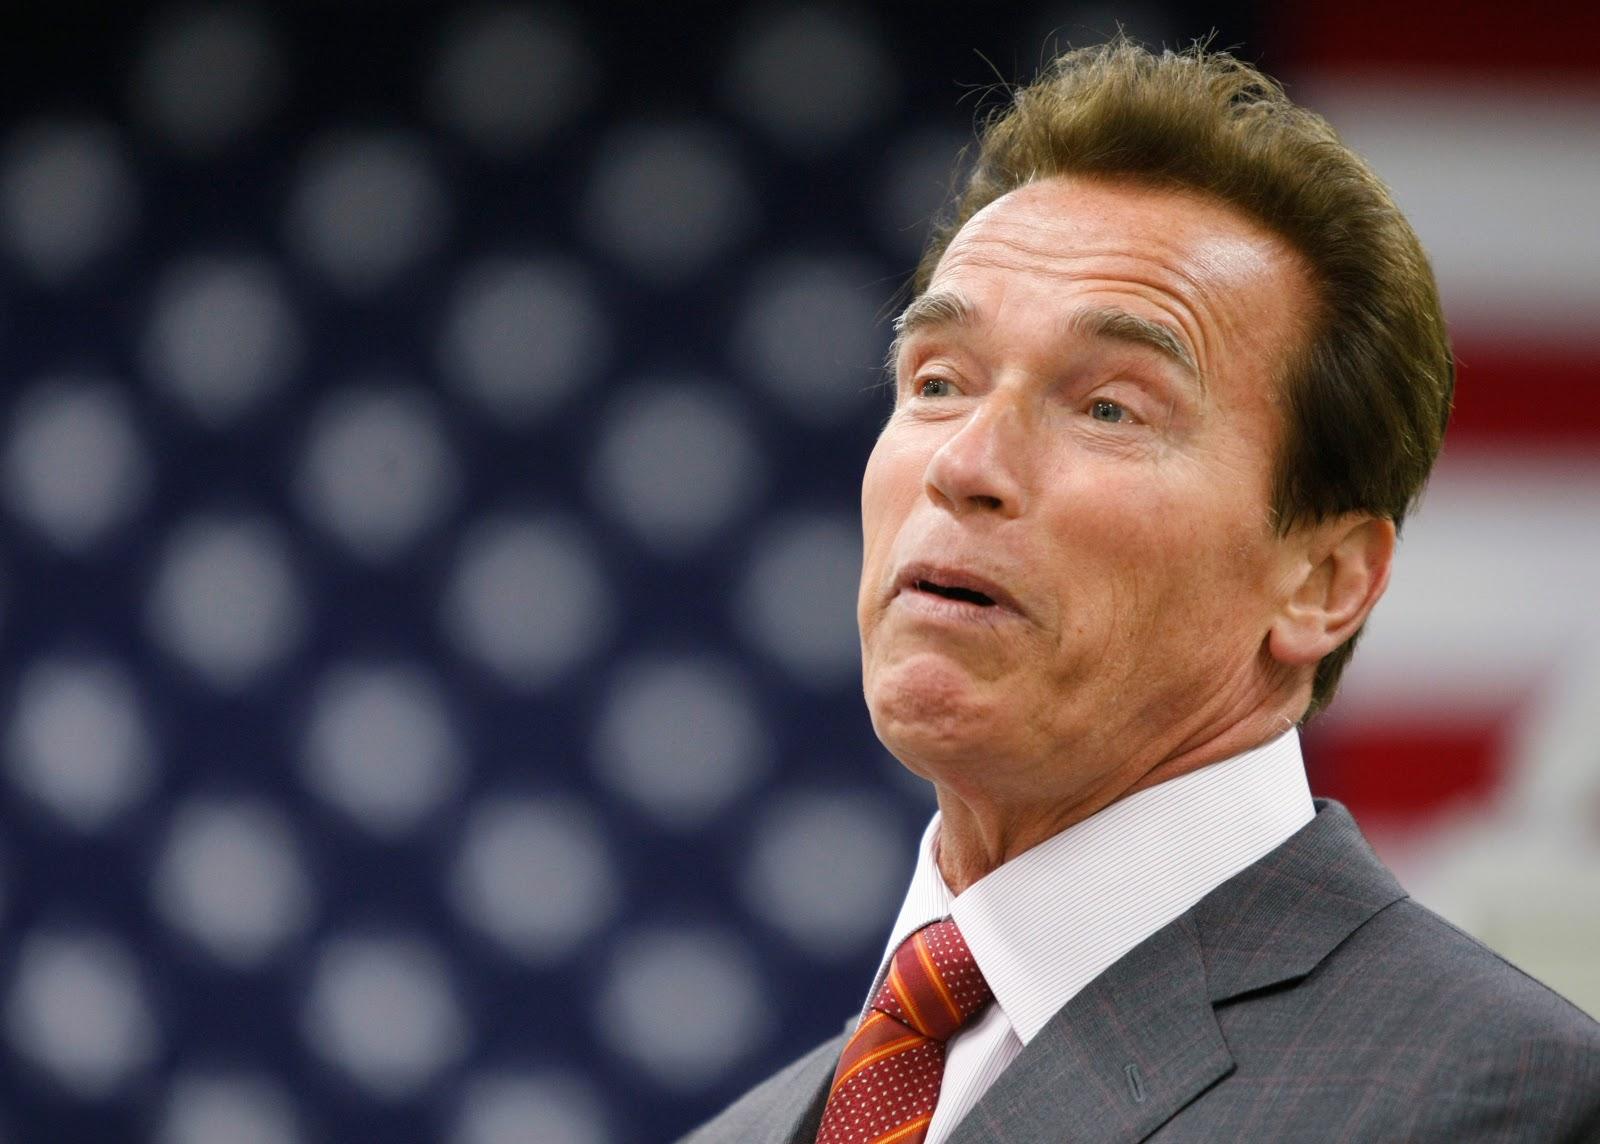 http://4.bp.blogspot.com/-101f8xHRbeE/TyGaVaFQqFI/AAAAAAAAIuU/6KUpiQHKAcA/s1600/Arnold+Schwarzenegger+20.jpg